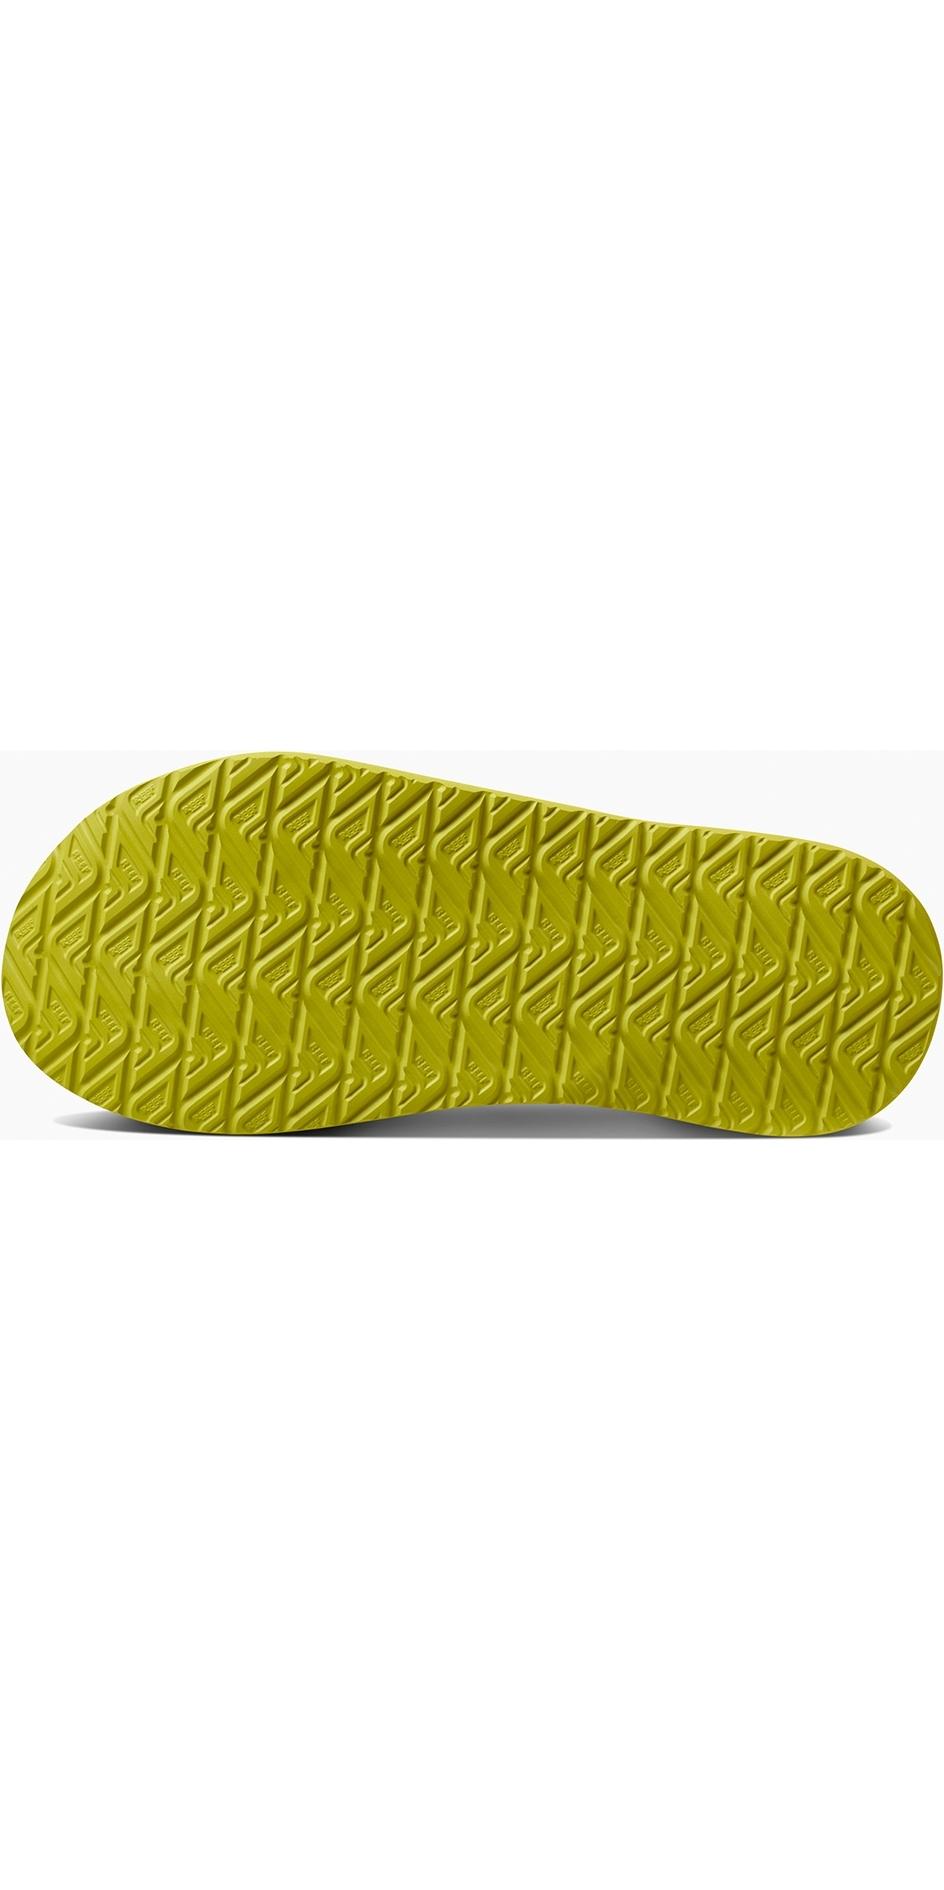 daeb639058bf 2019 Reef Mens Cushion Bounce Phantom Flip Flops Grey   Green RF0A3FDI ...